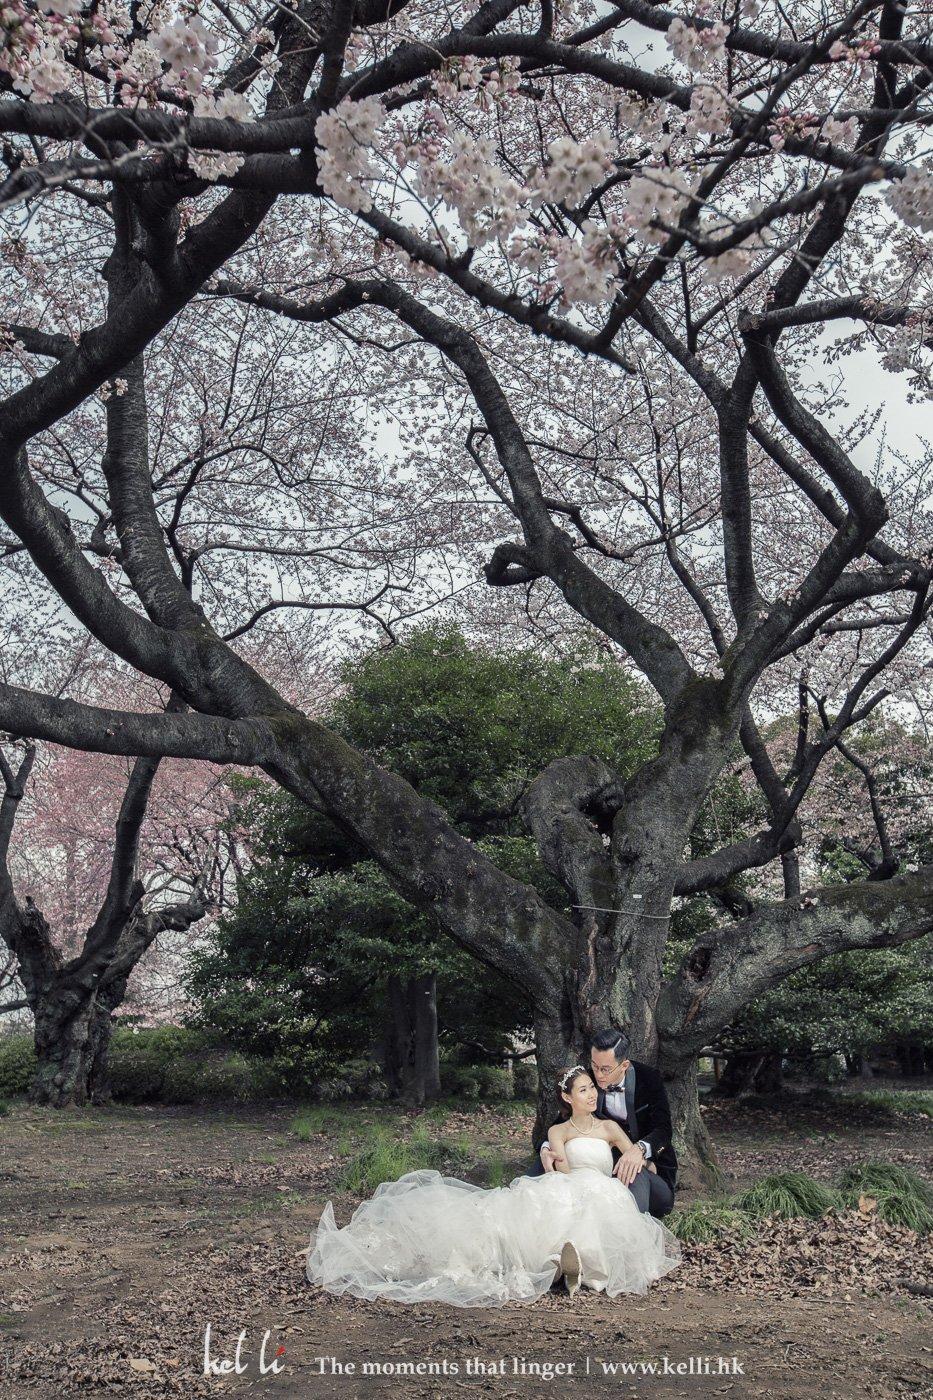 櫻花雖然是很漂亮,偶爾綠色的樹更顯舒服